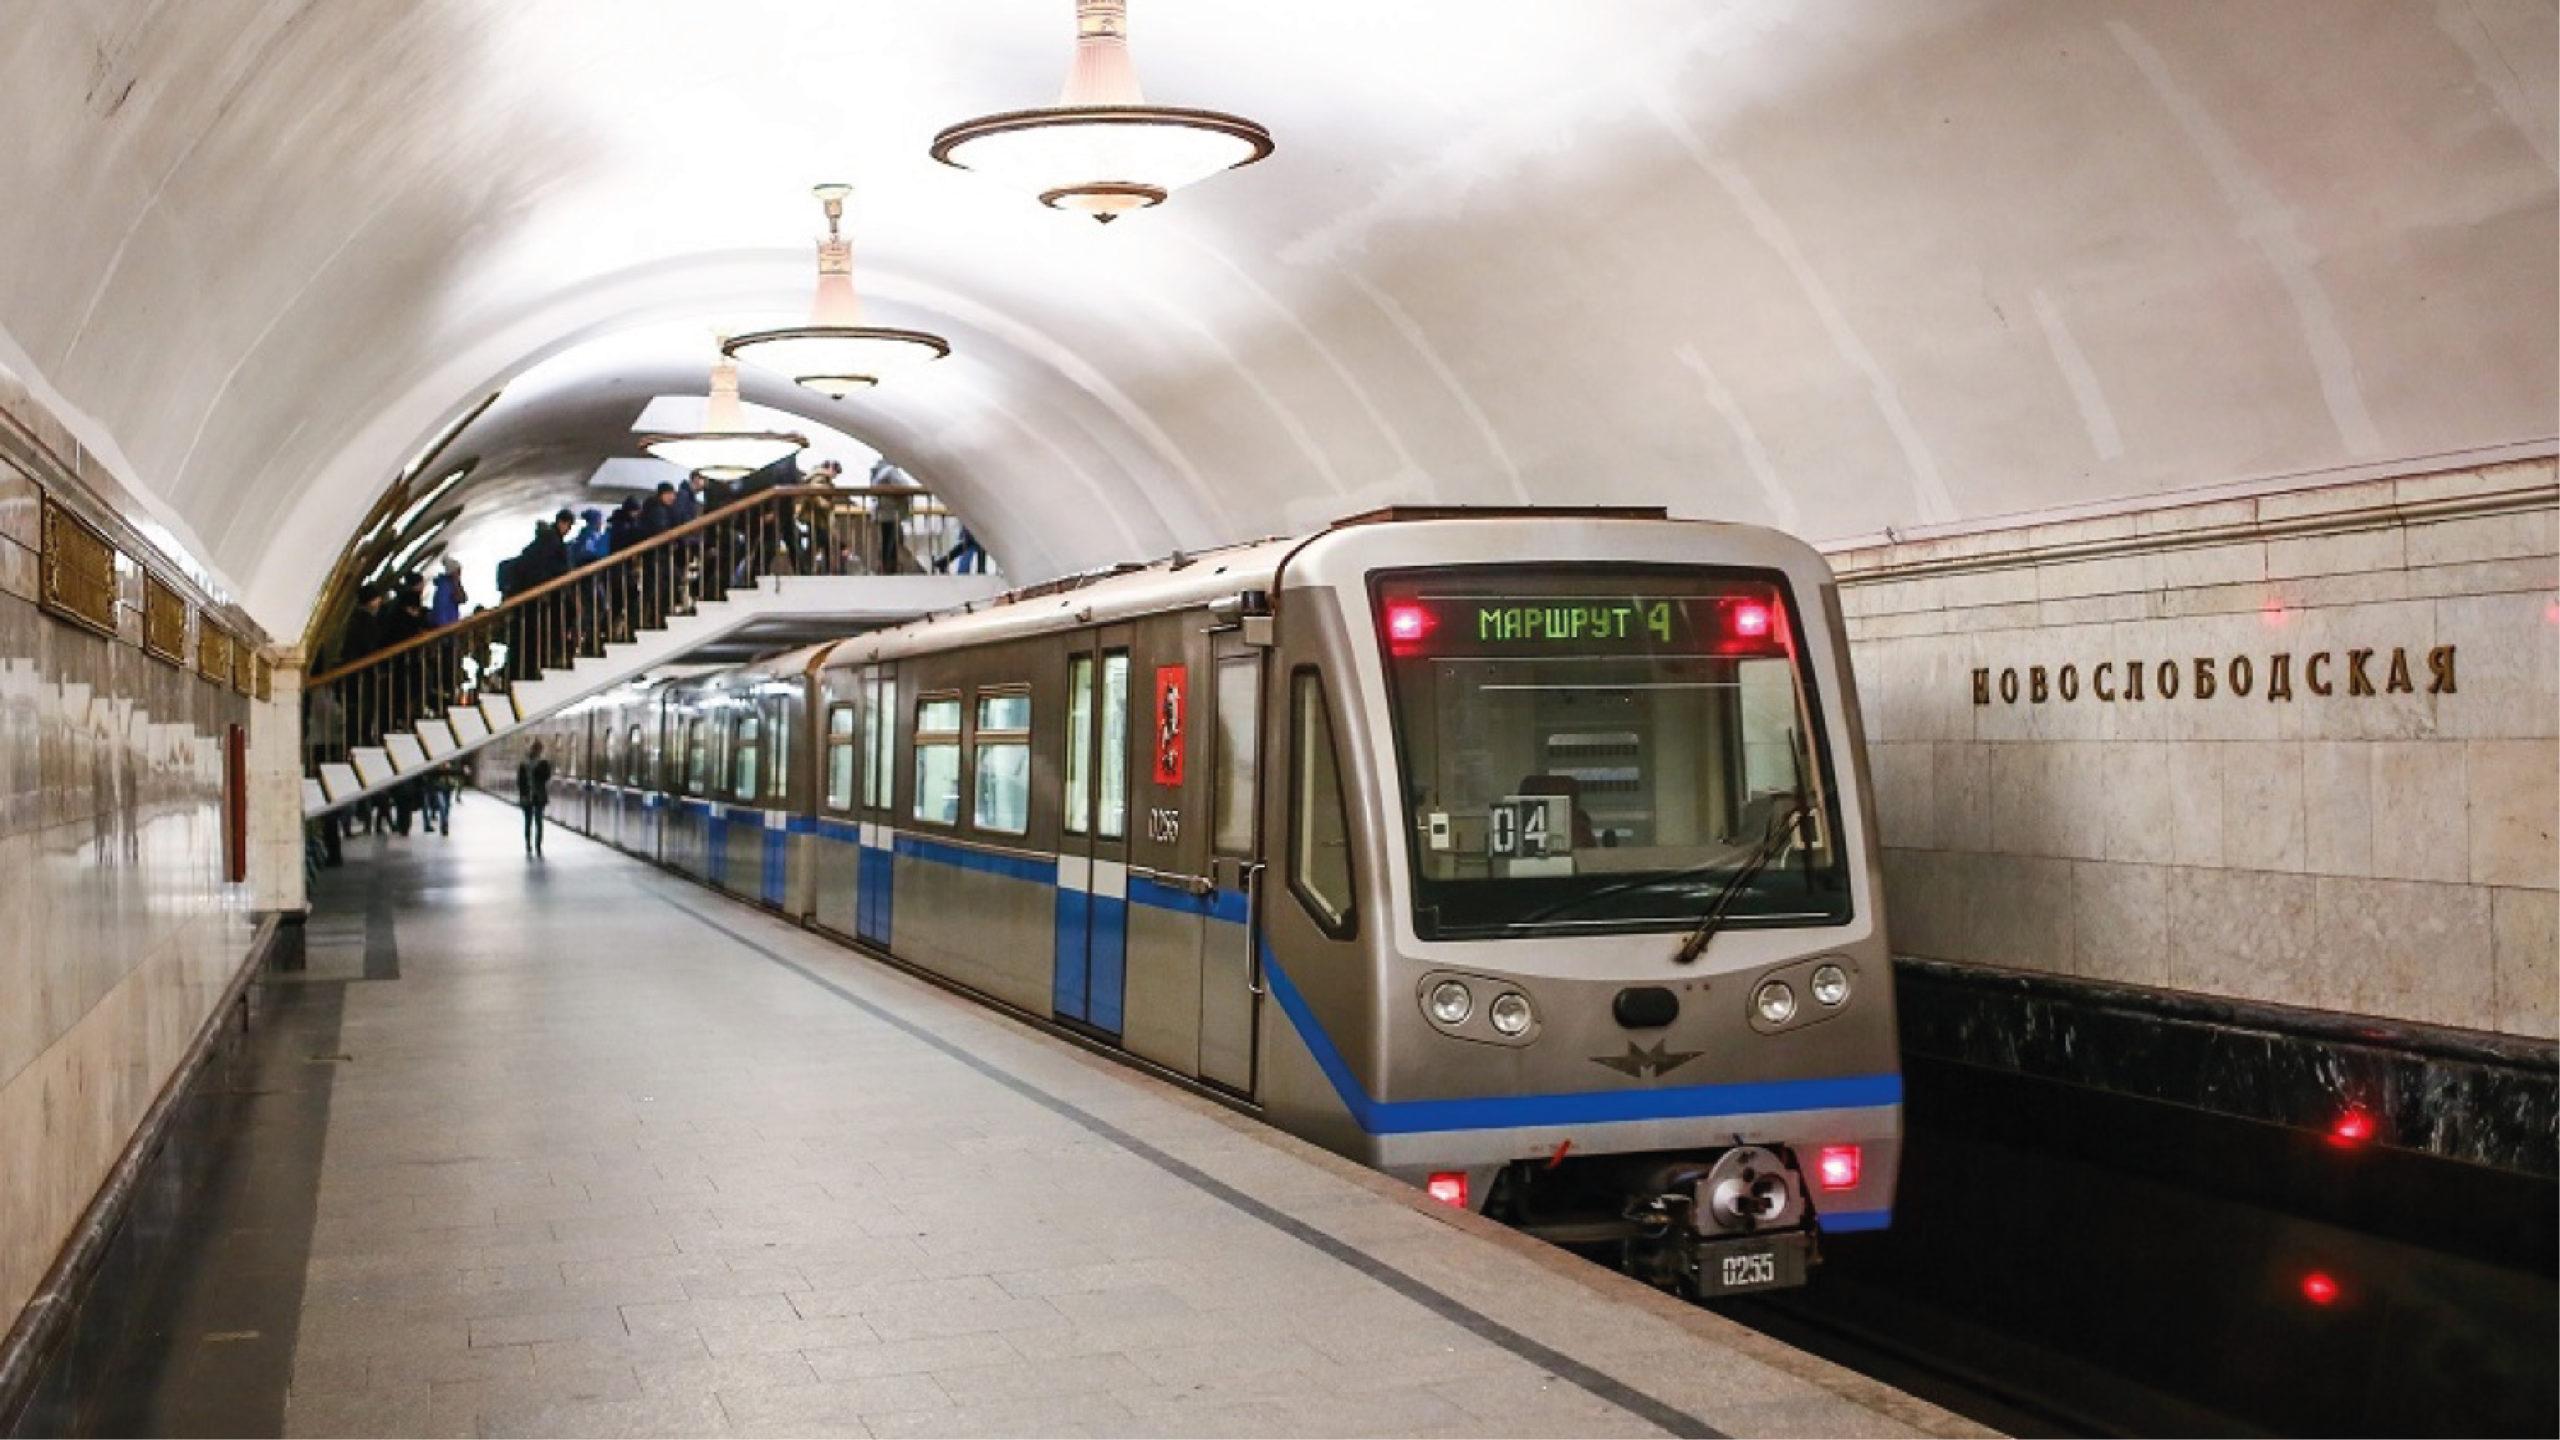 Metro de Moscú ya utiliza reconocimiento facial en lugar de boletos